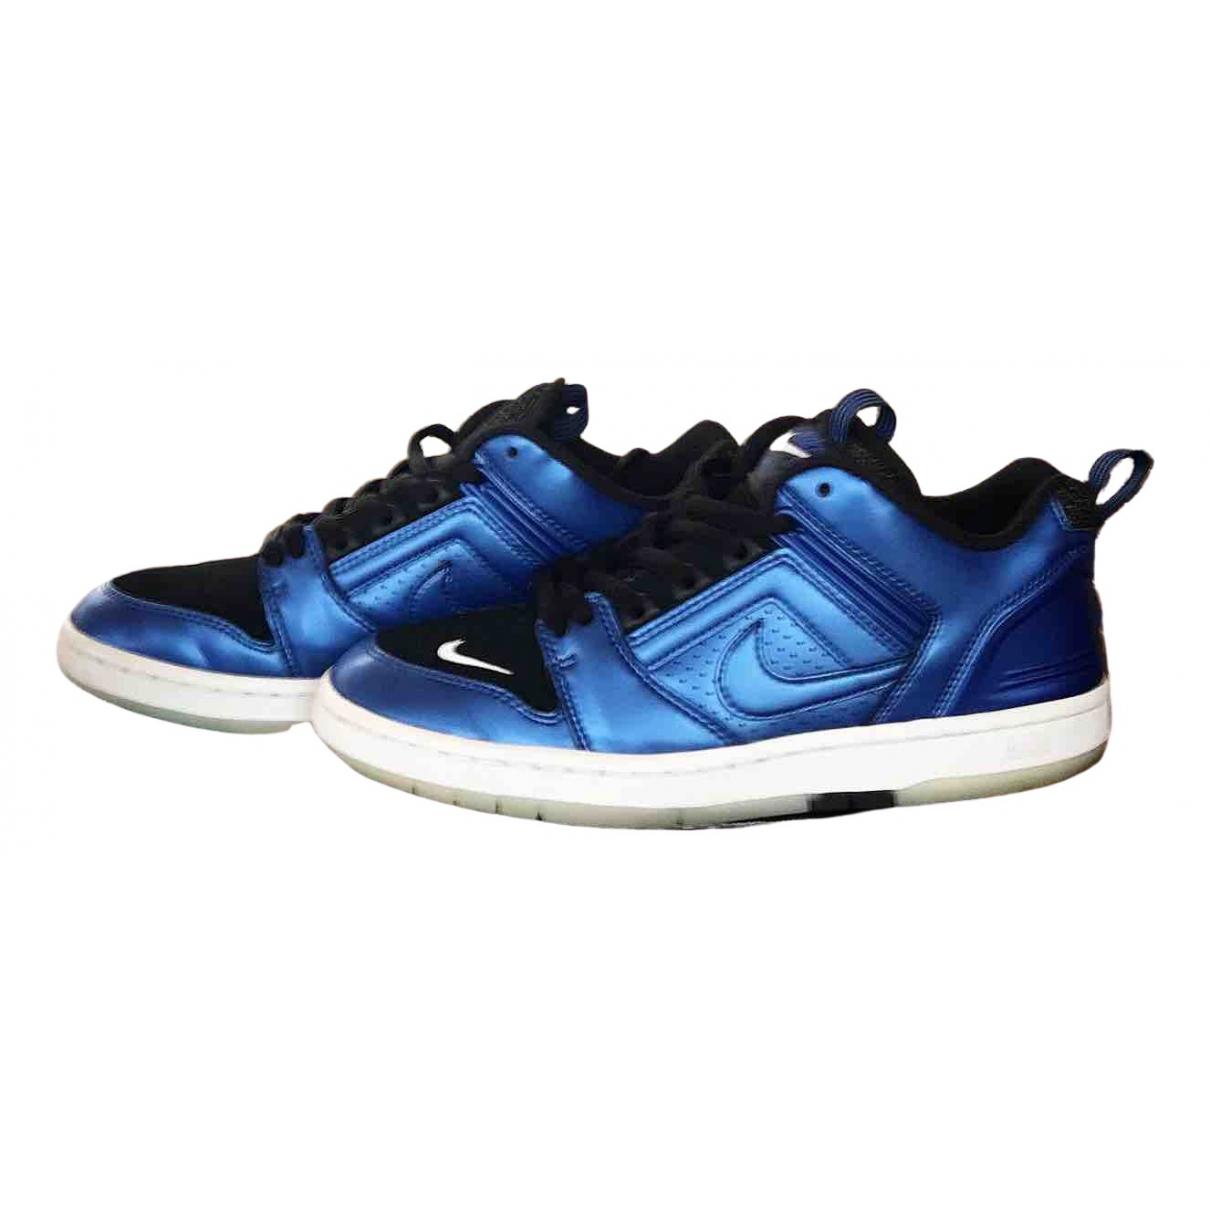 Nike \N Sneakers in  Bunt Leder